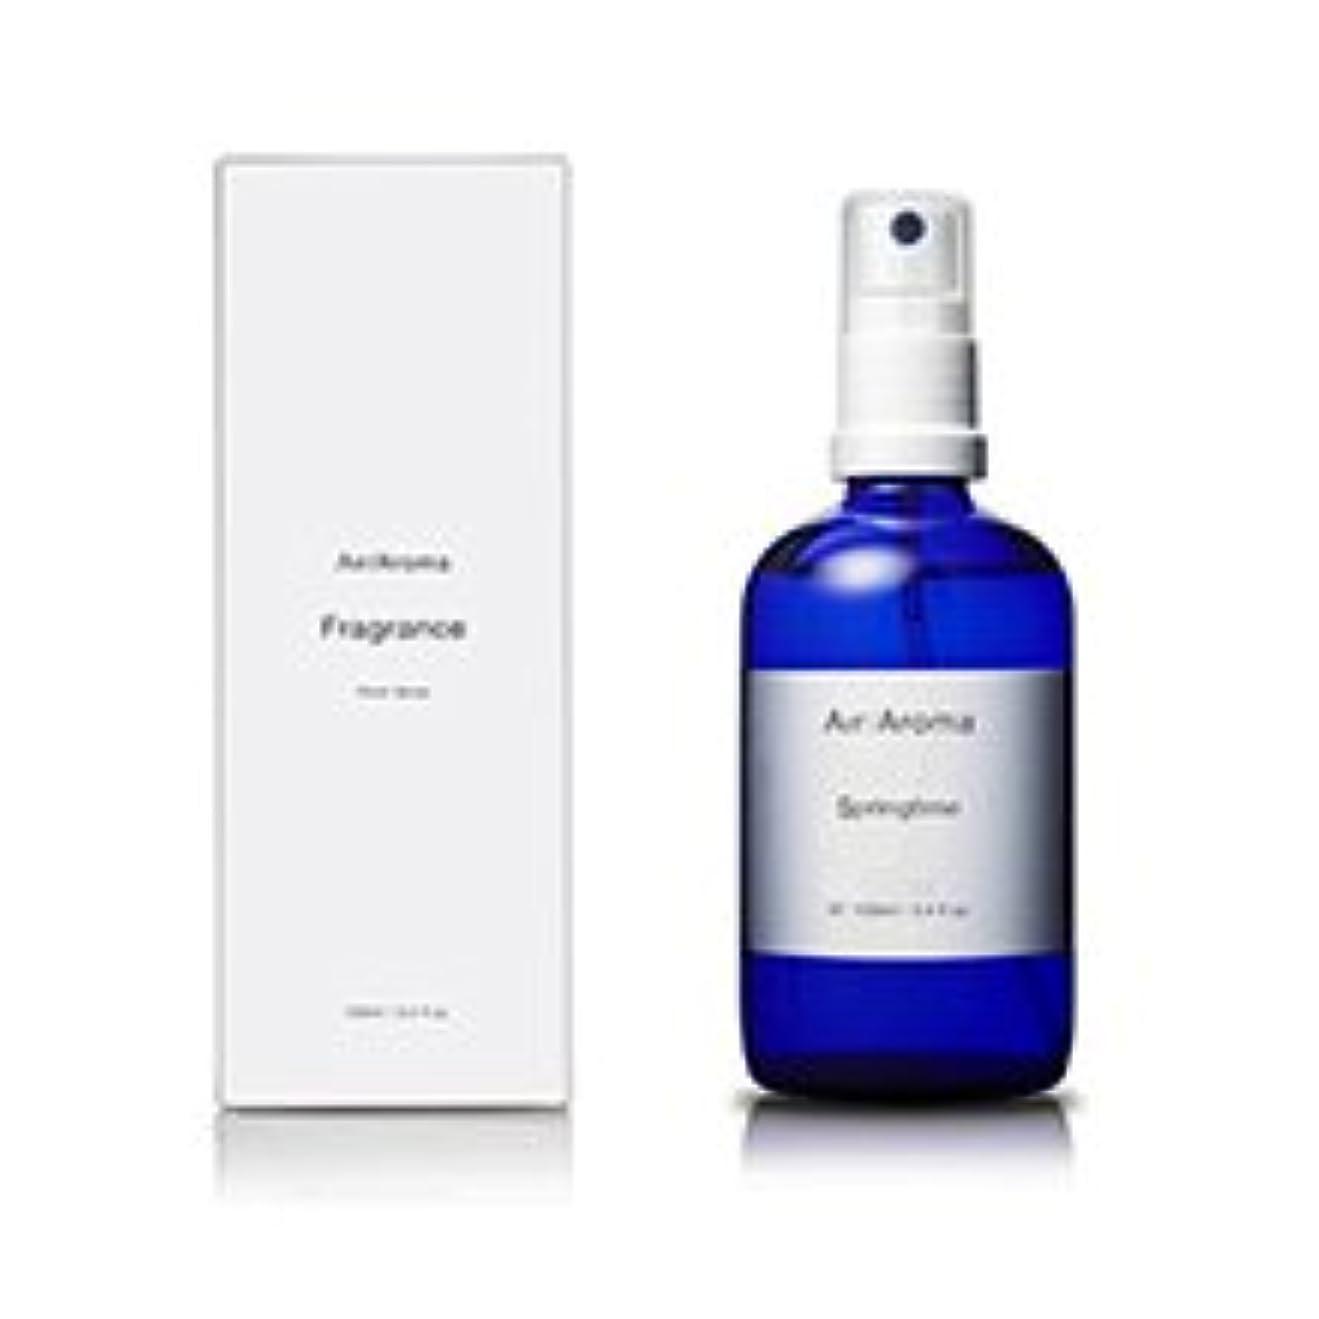 印象的クリアリダクターエアアロマ springtime room fragrance(スプリングタイム ルームフレグランス)100ml